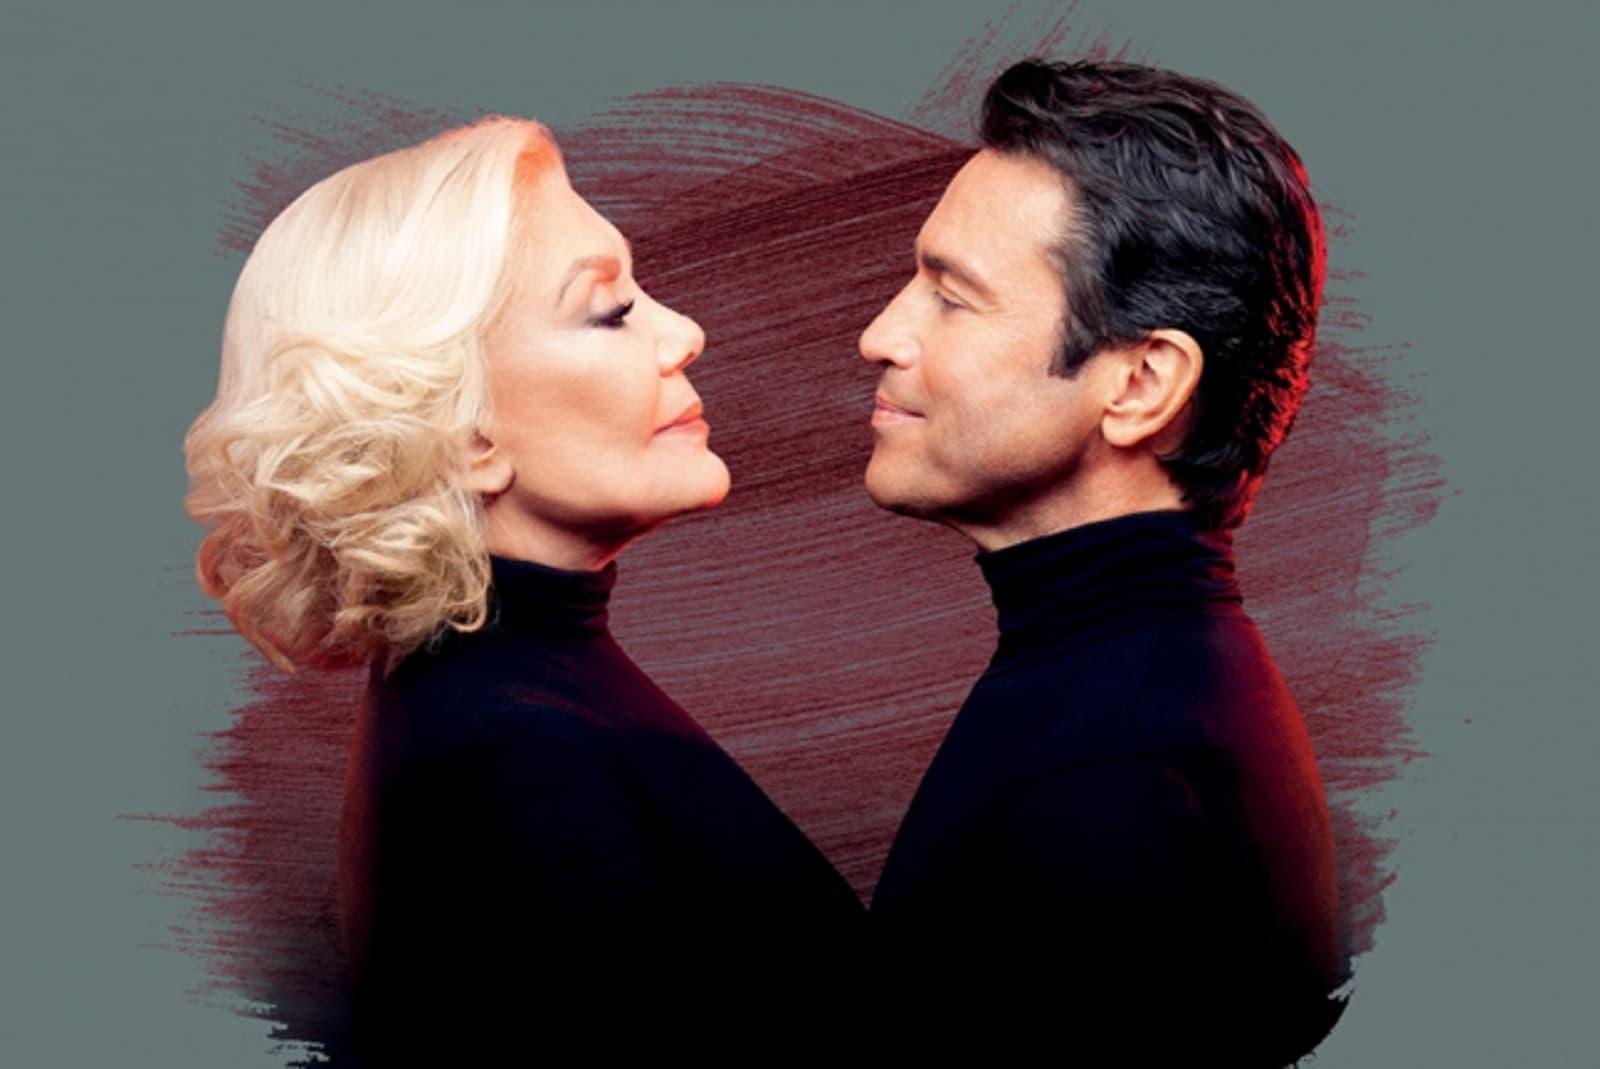 Μαρινέλλα & Μάριος Φραγκούλης στο Christmas Theater